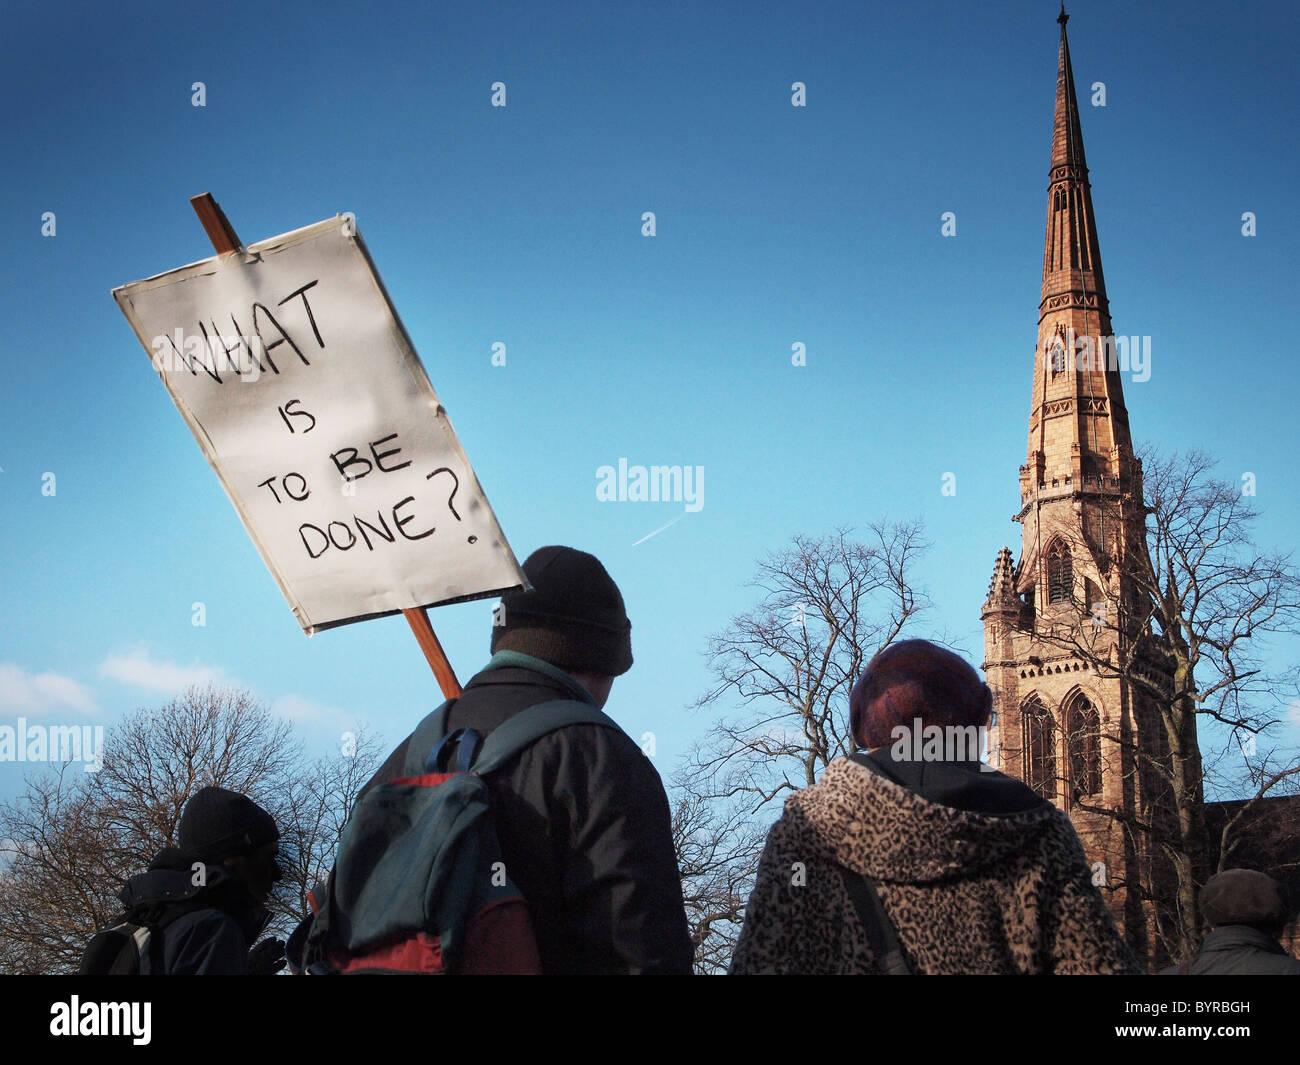 Cámara digital Olympus estudiantes protestando contra la matrícula aumenta con banner a través de Imagen De Stock